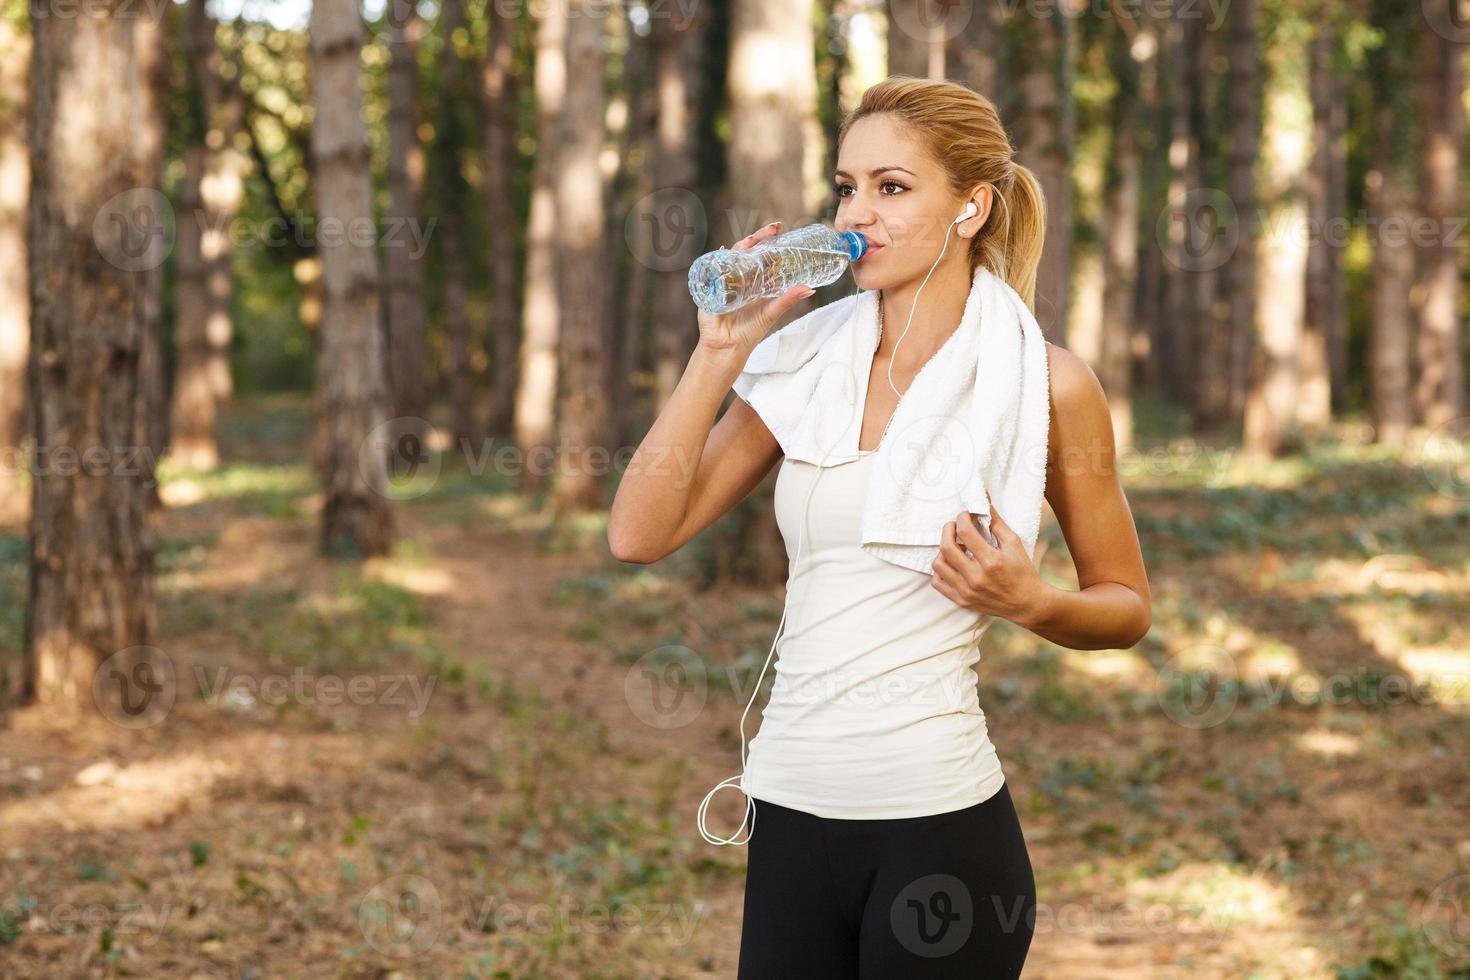 mulheres bonitas água potável depois de correr foto